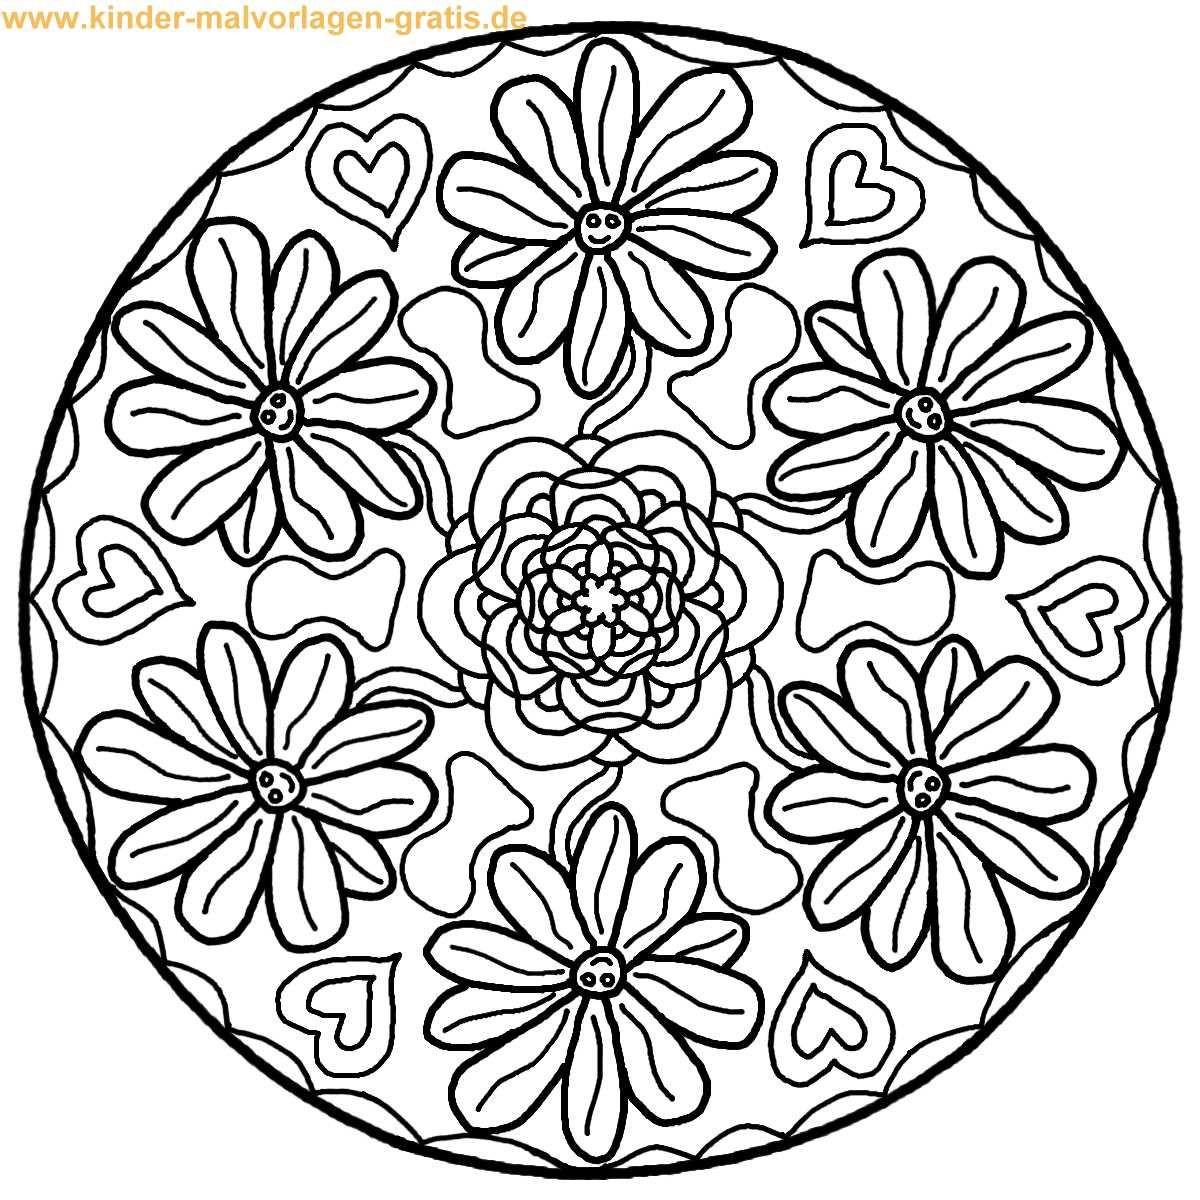 Anspruchsvolle Mandalas Zum Ausdrucken Neu Kostenlose Mandalas Zum Ausdrucken Fabulous with Kostenlose Bild